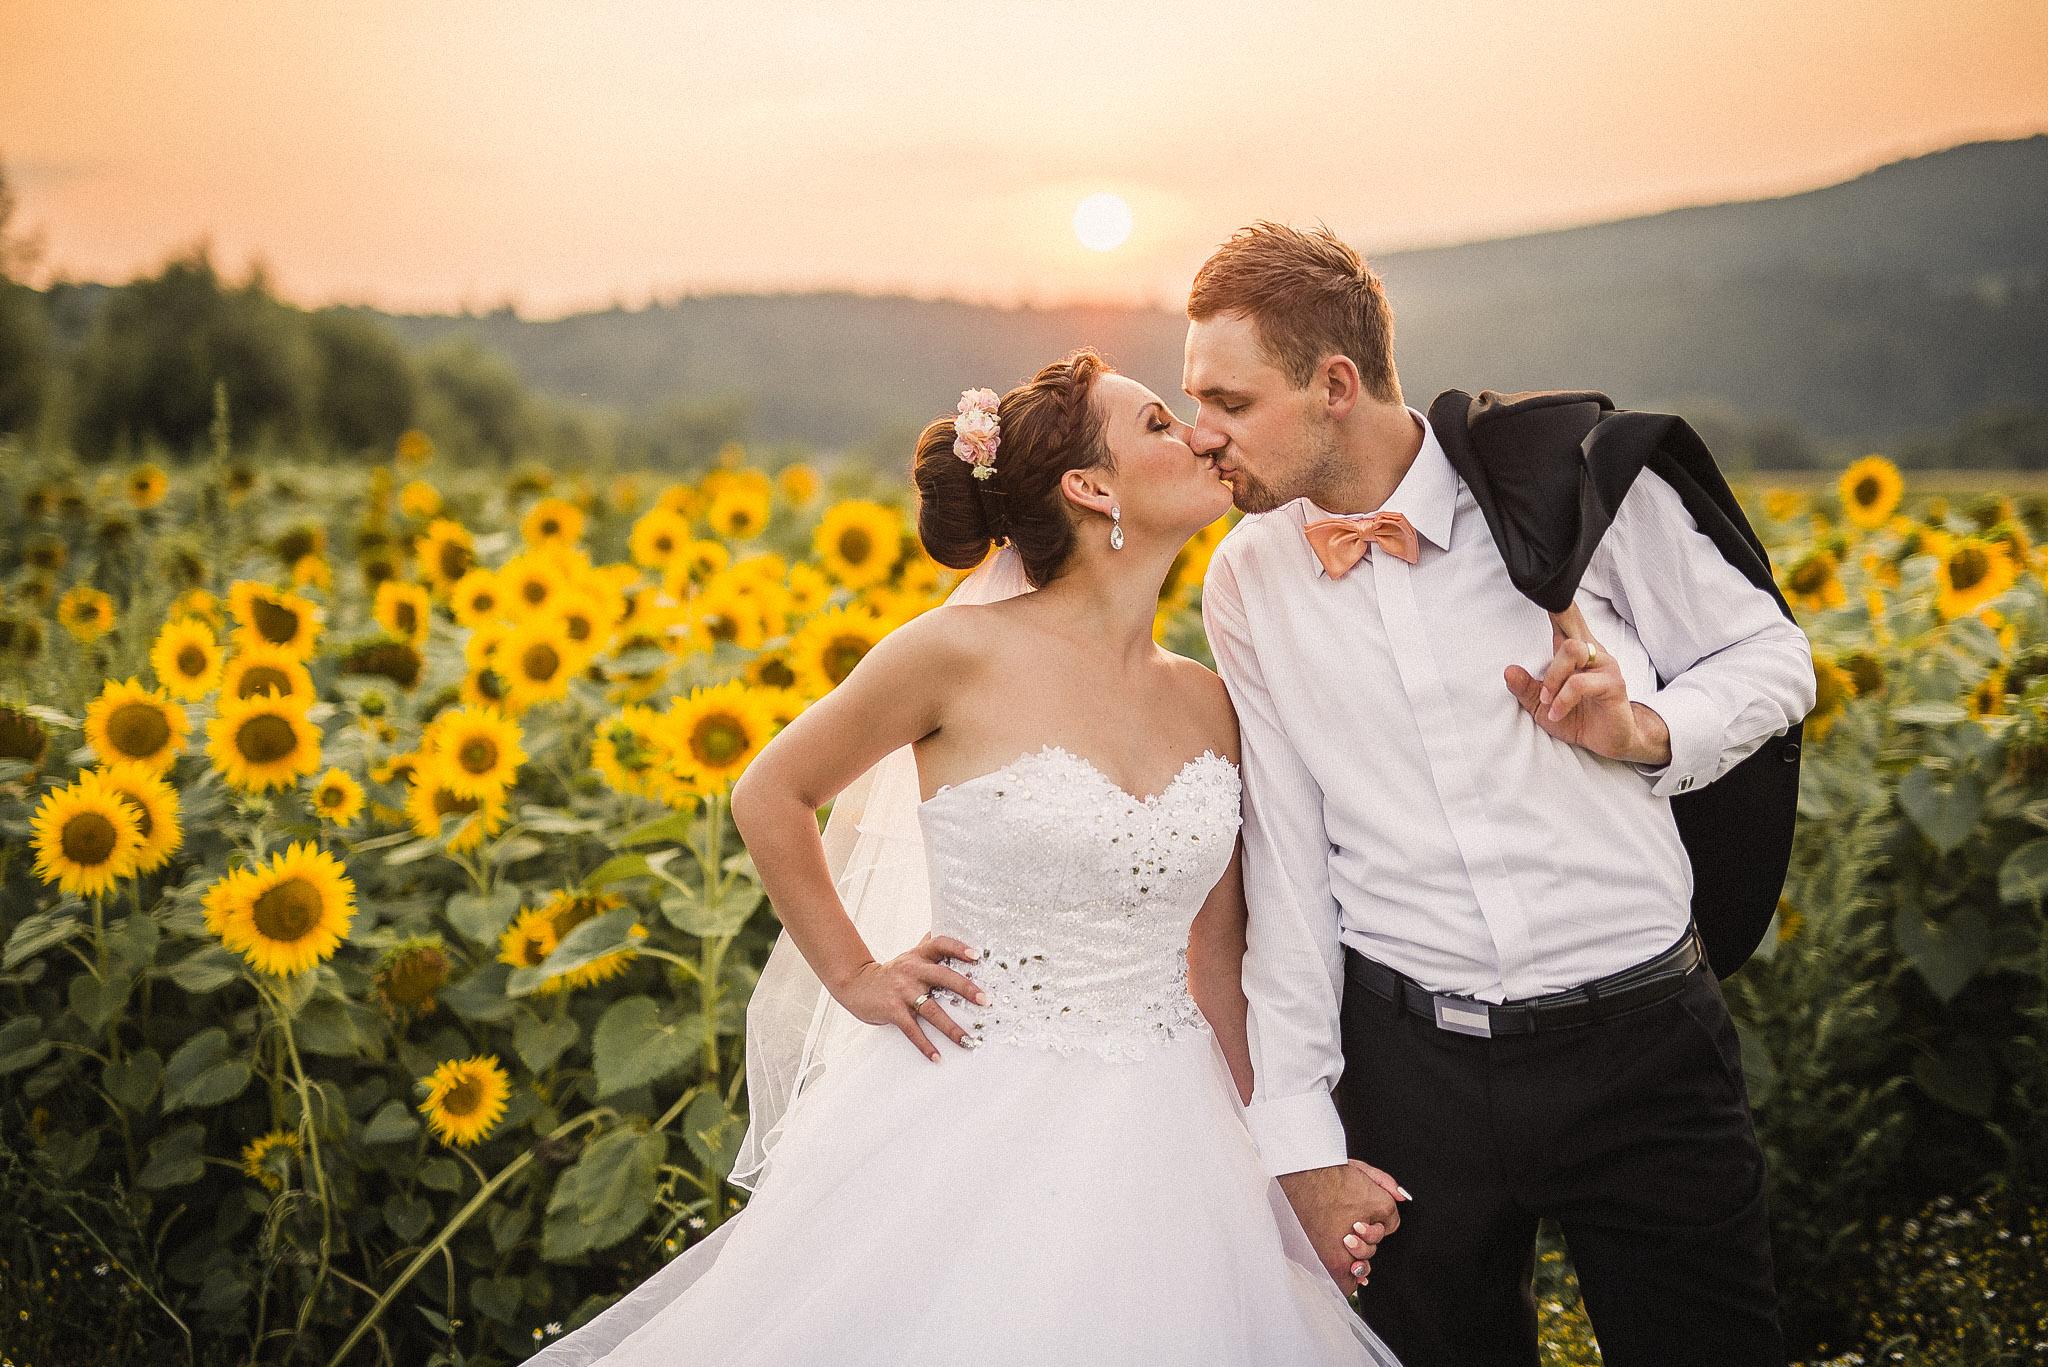 nevesta, ženích, oblek, motýlik, sako, šaty, láska, príroda, slnečnicové pole, slnečnice, love, Bratislava, Trenčín, Žilina, Liptov, romantika, bozk, pusa, západ slnka